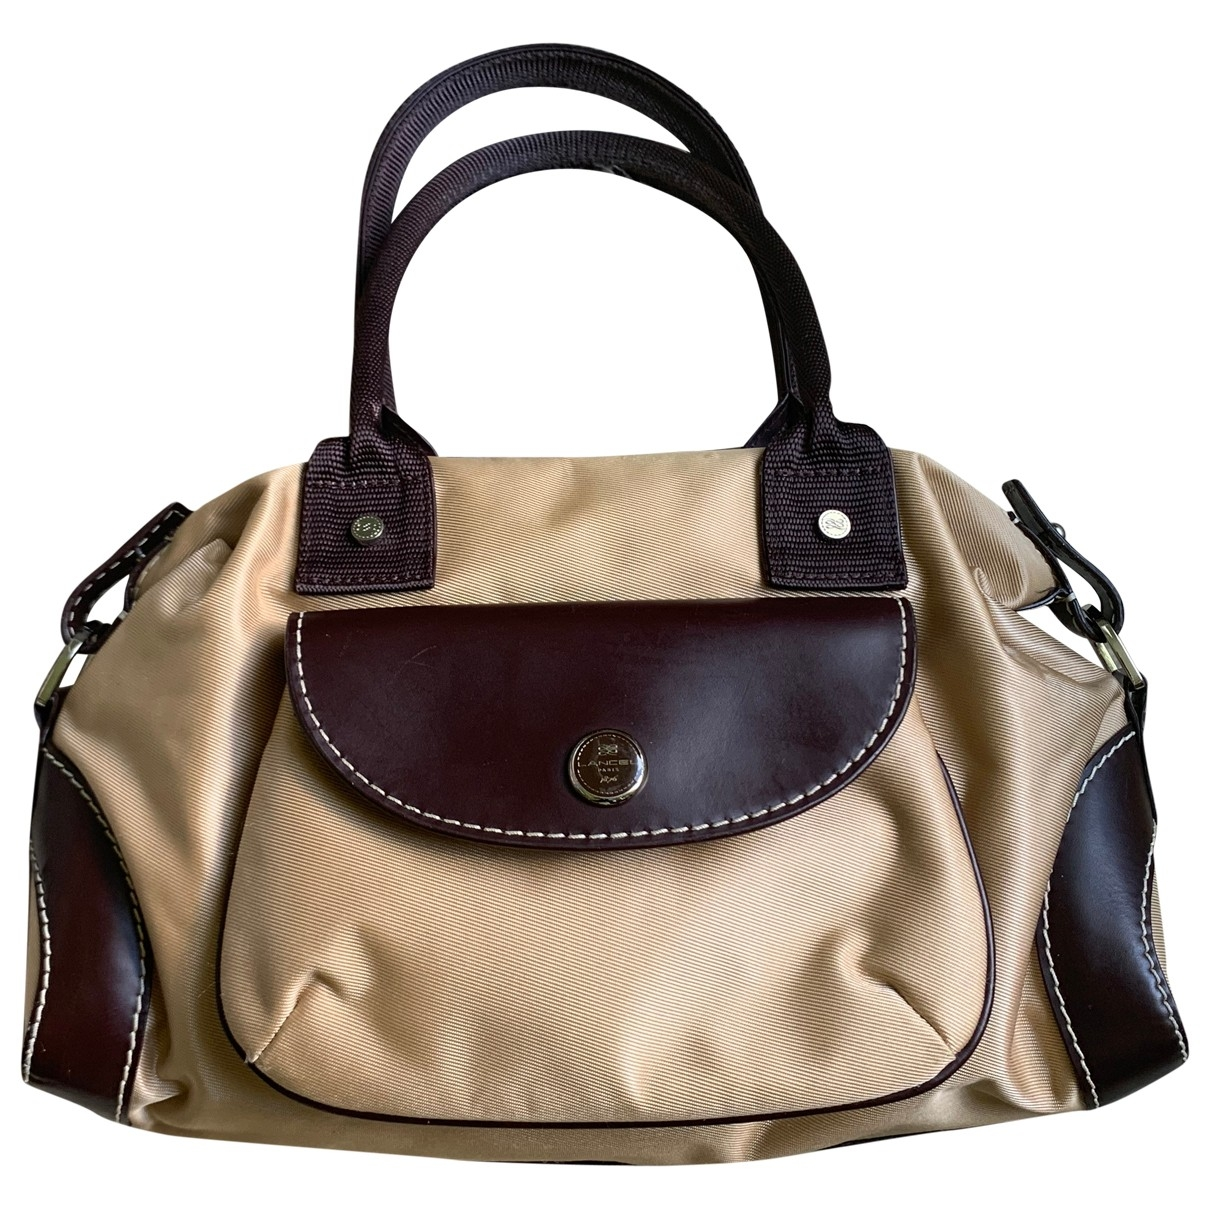 Lancel \N Handtasche in  Beige Leinen